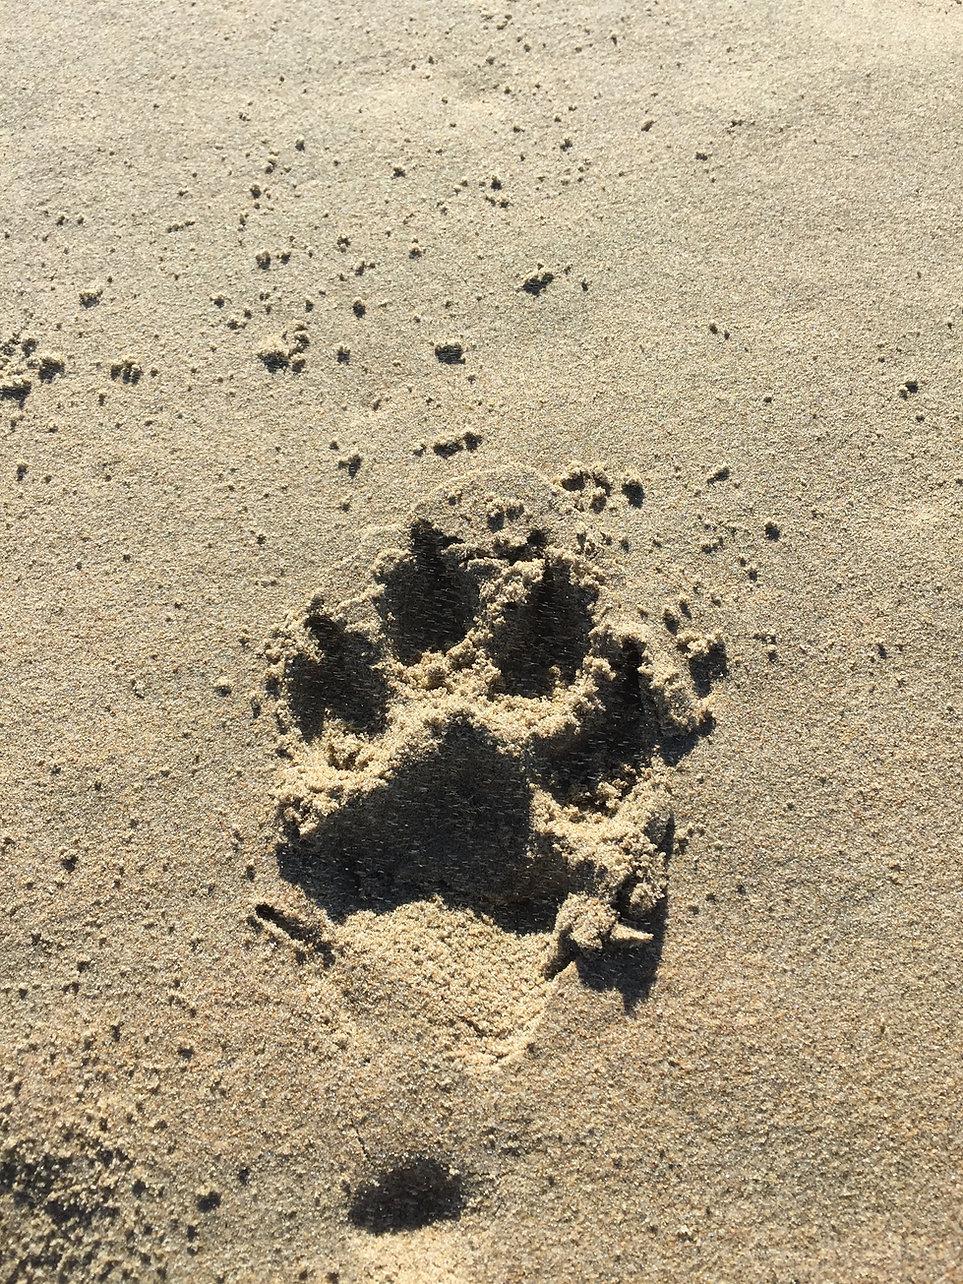 Mojo @ Waipatiki Beach